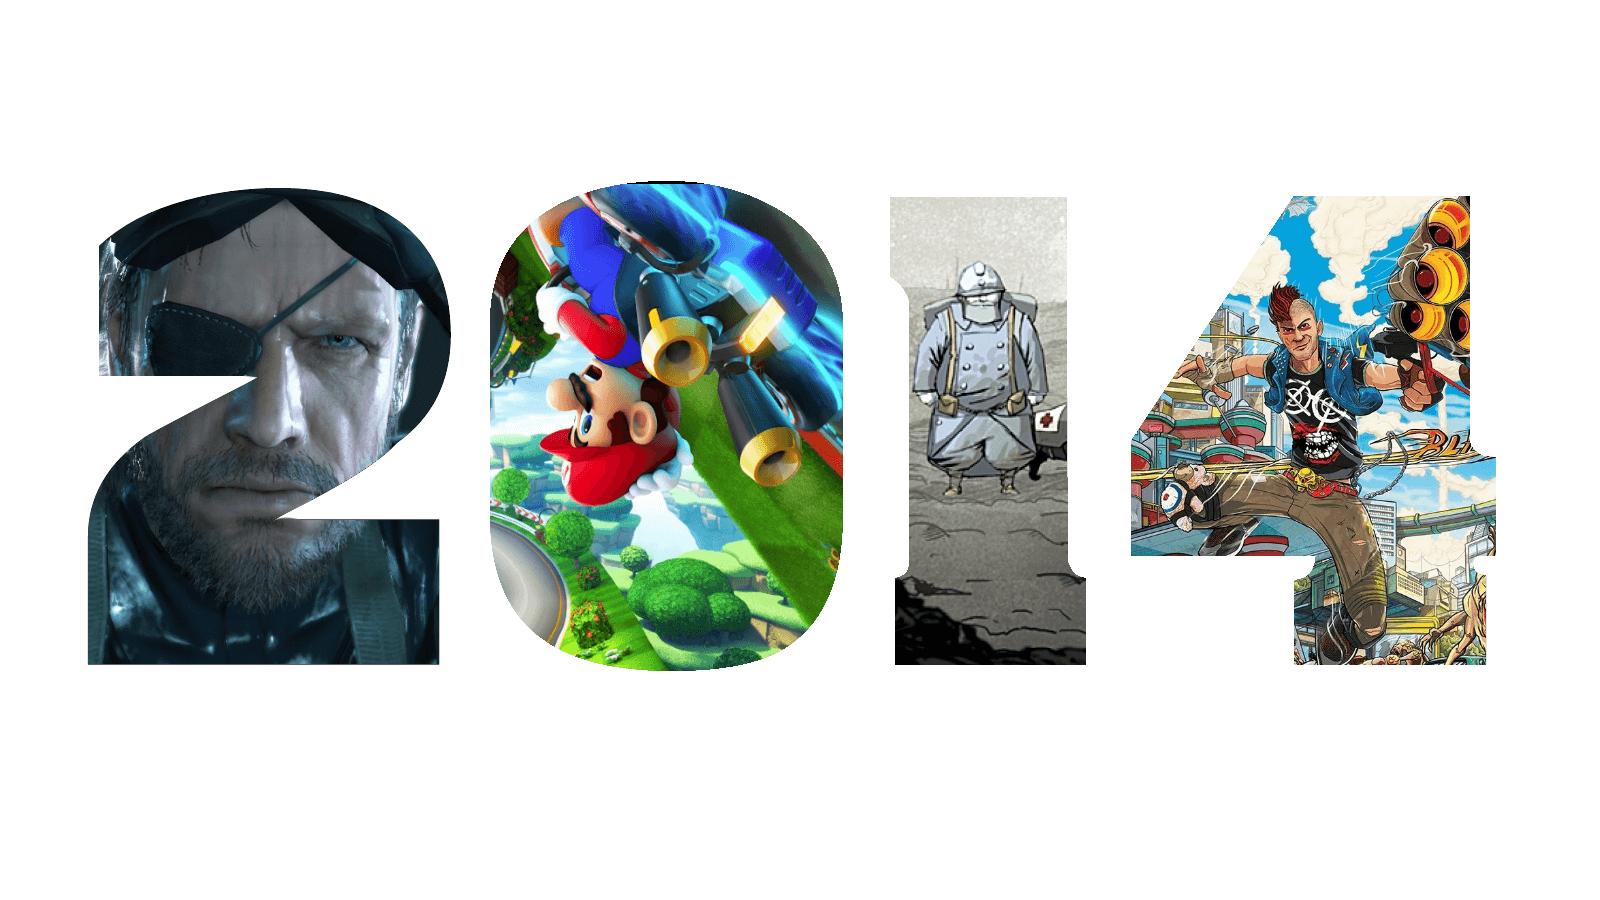 Das Jahr 2014 aus der Sicht der Spiele 5